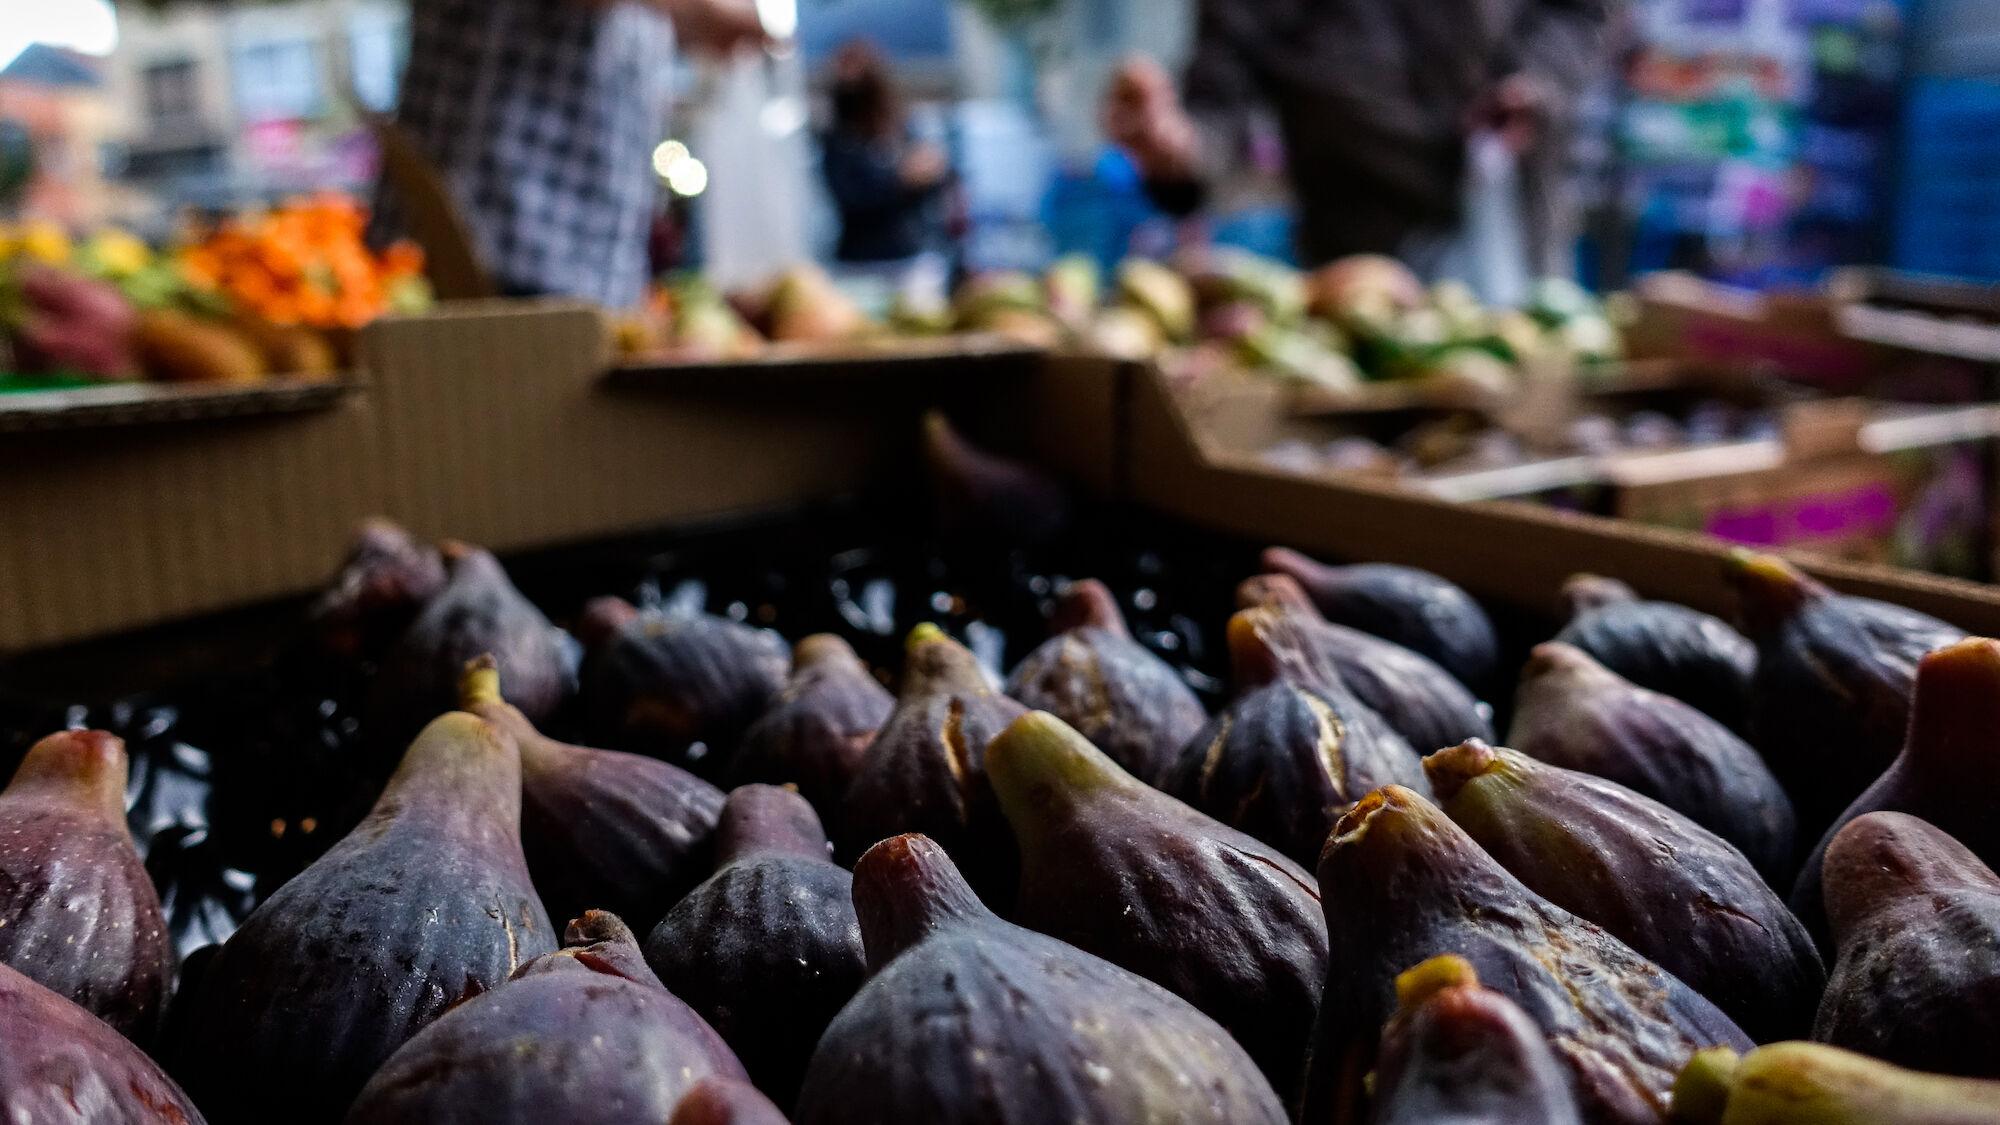 2020-09-20 Wijk 9 Bloemekeswijk Markt Van Beverenplein _DSC1019.jpg